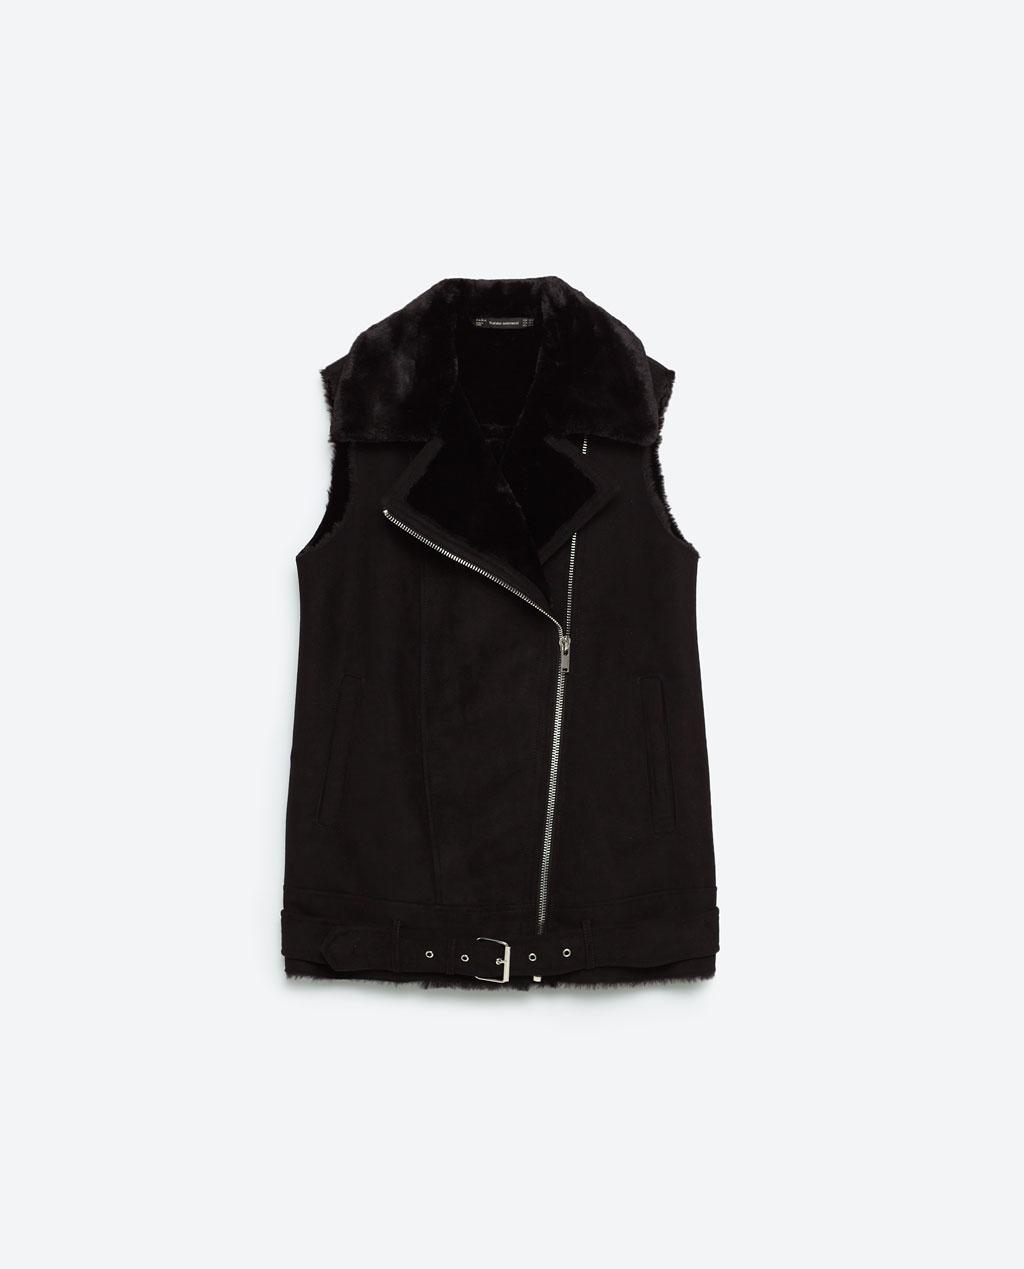 Zara Black Gilet £59.99